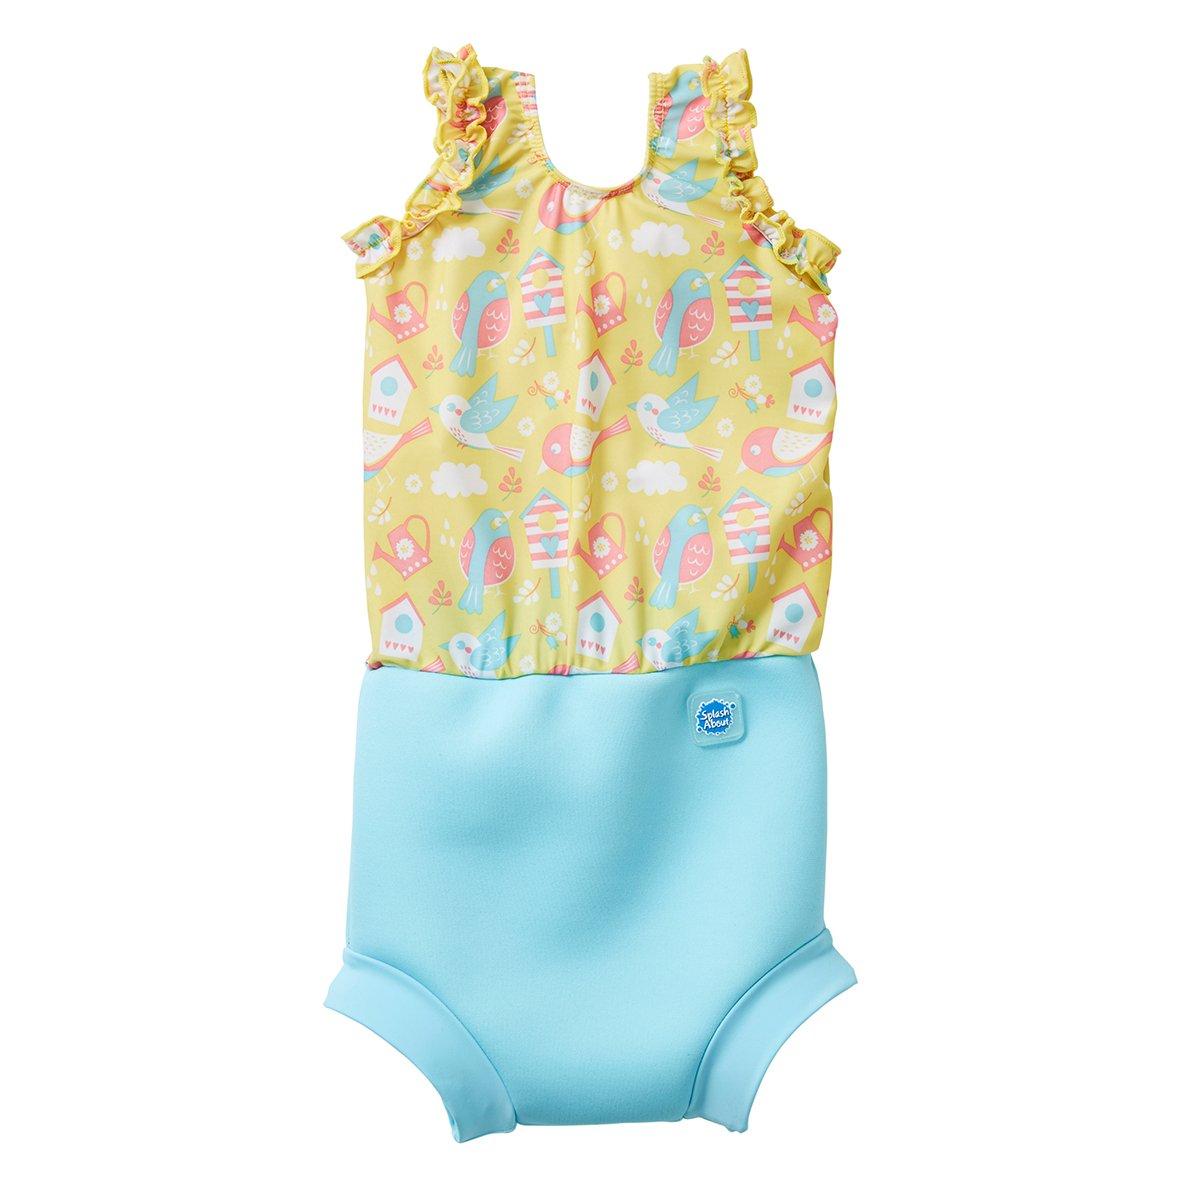 Splash About Happy Nappy - Costume con pannolino integrato UVFSTF1-P